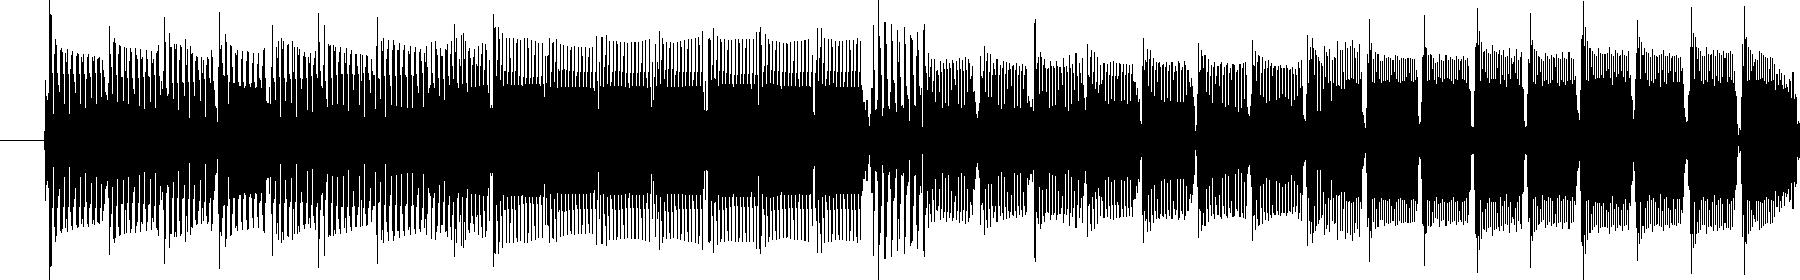 37247 bass 8ths sample wav